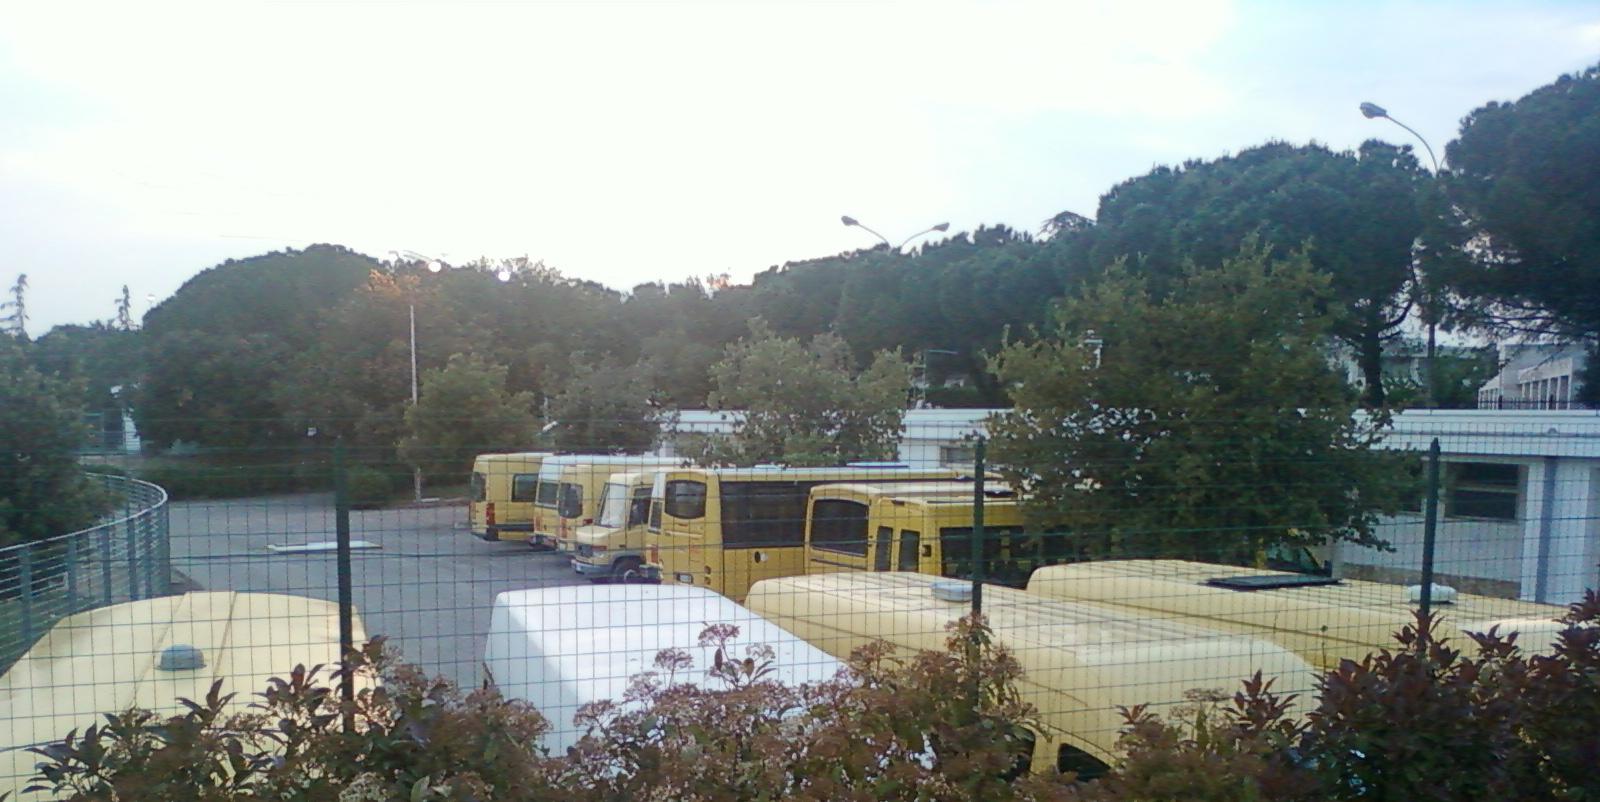 scuolabus pergolo 1